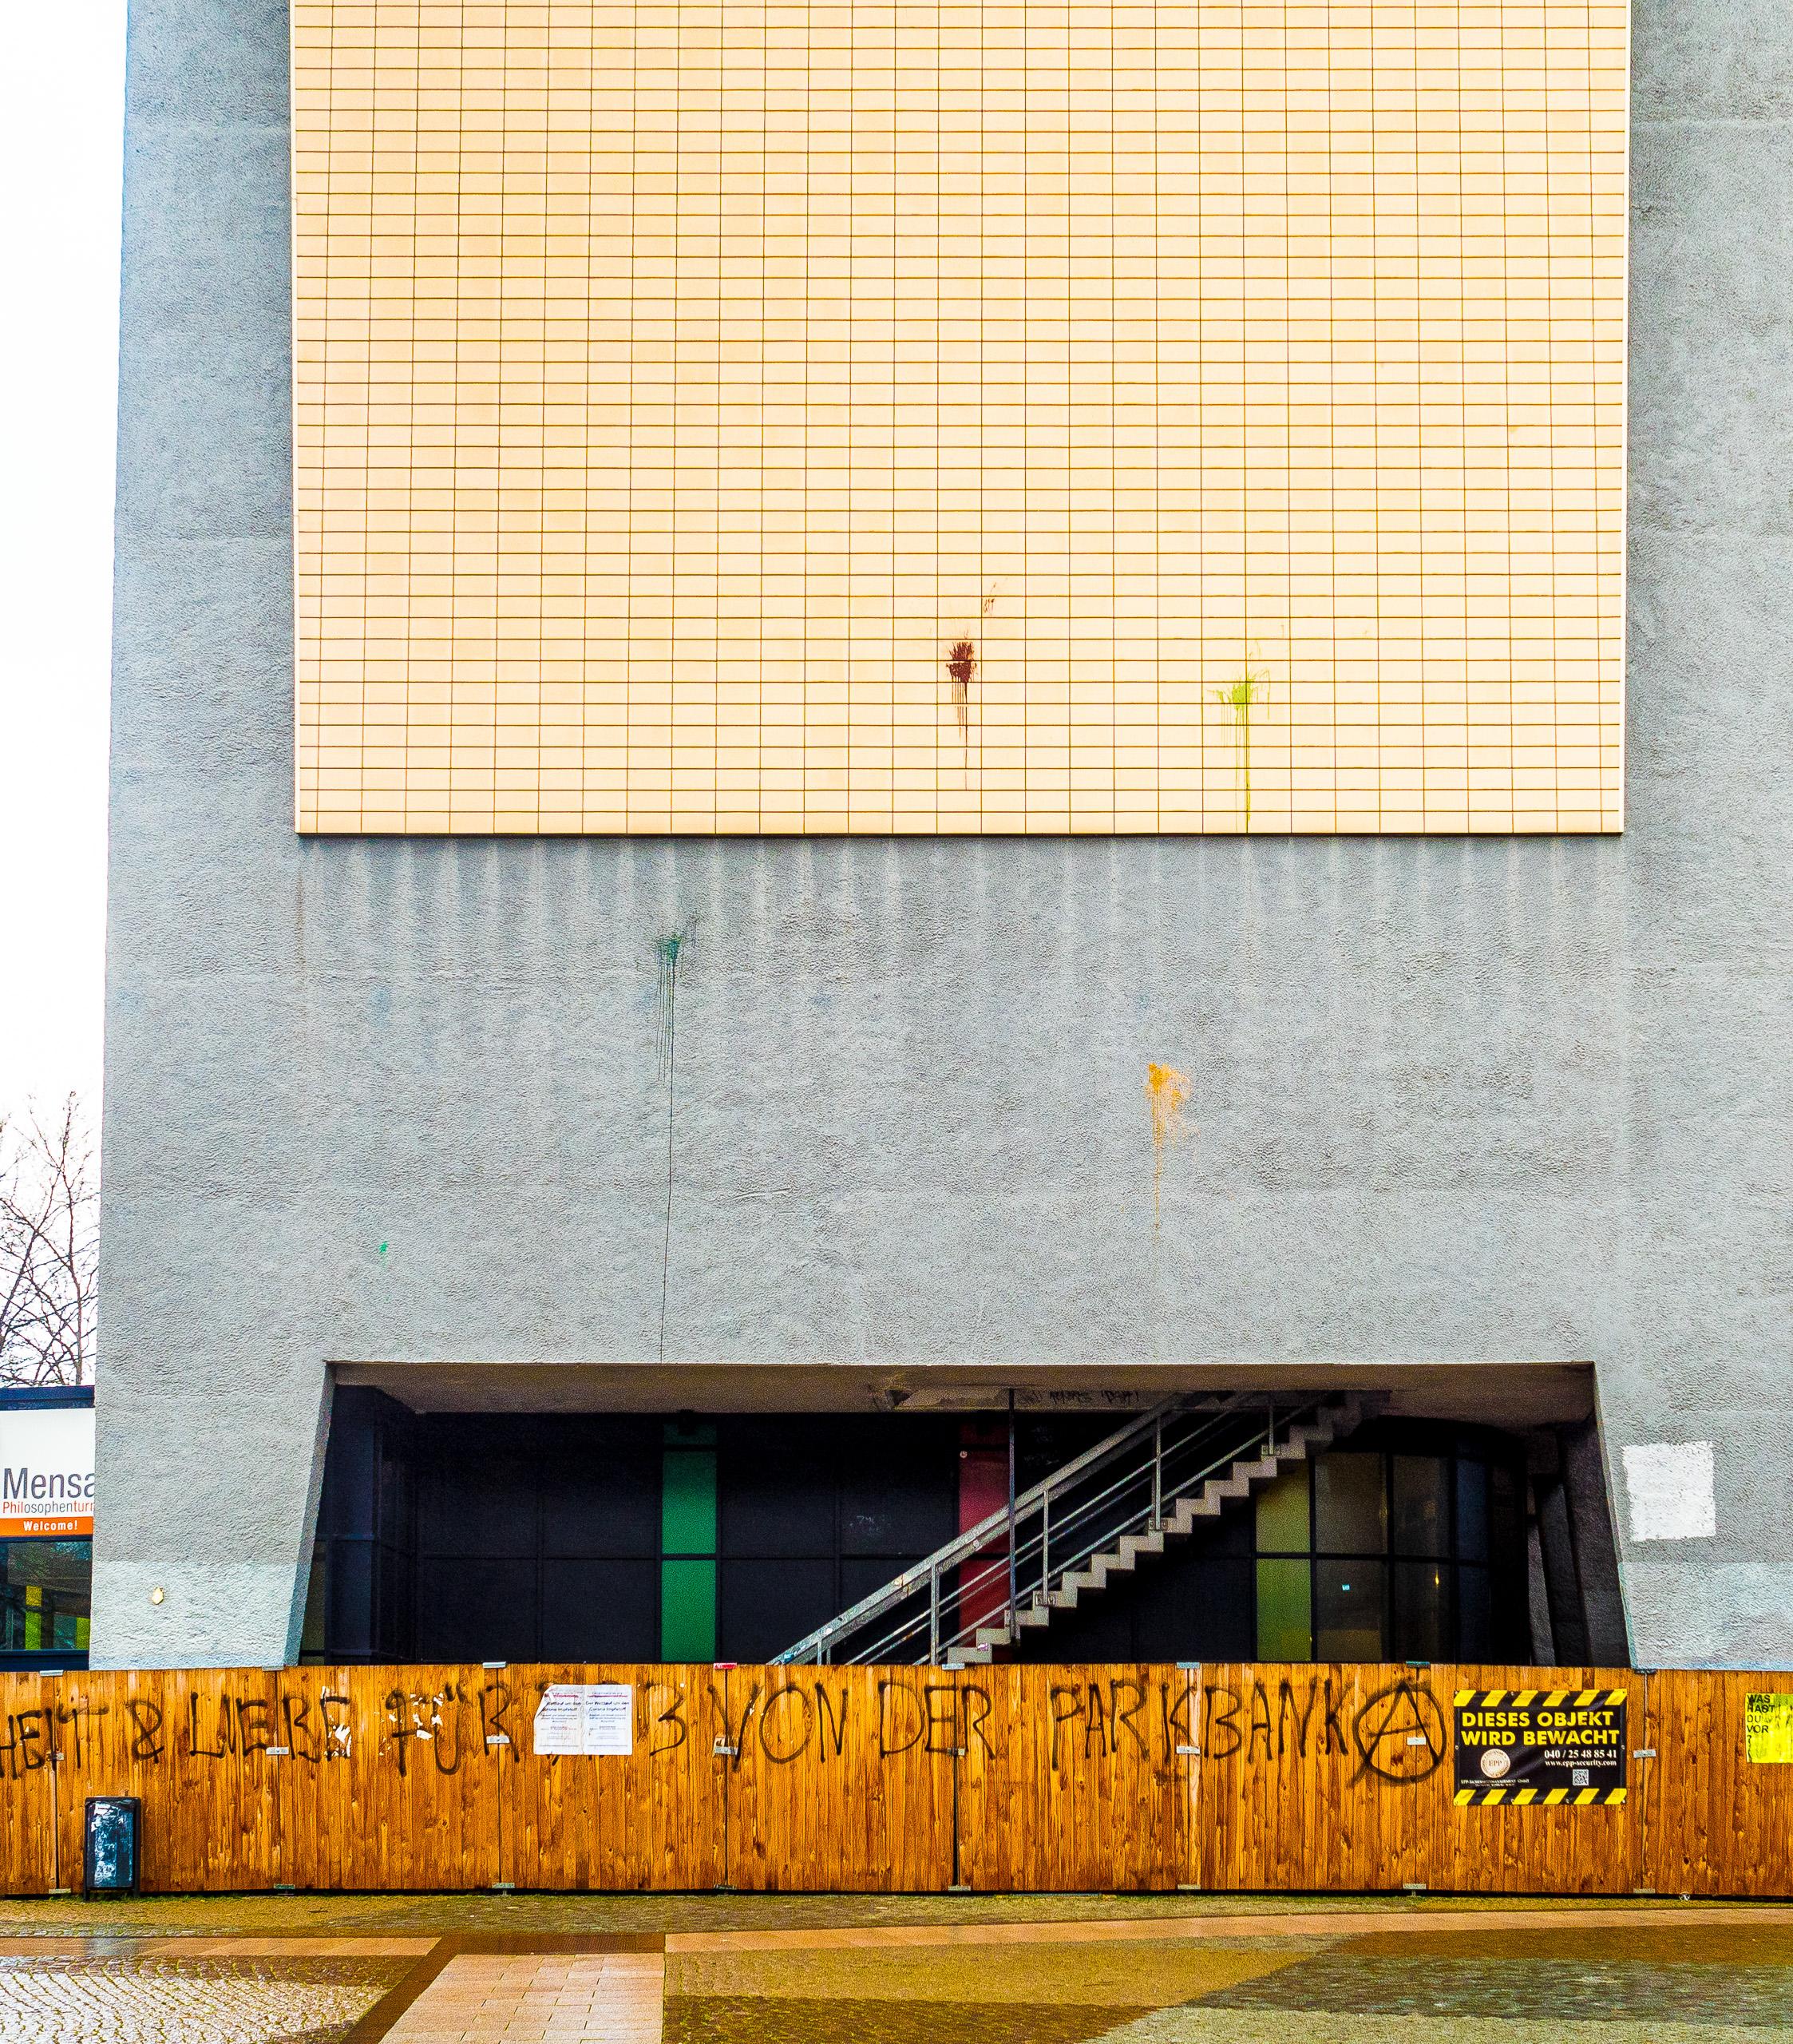 Fassade des Hamburger Philosophenturms mit Farbklecksereien, die zu architektonischen Details passen